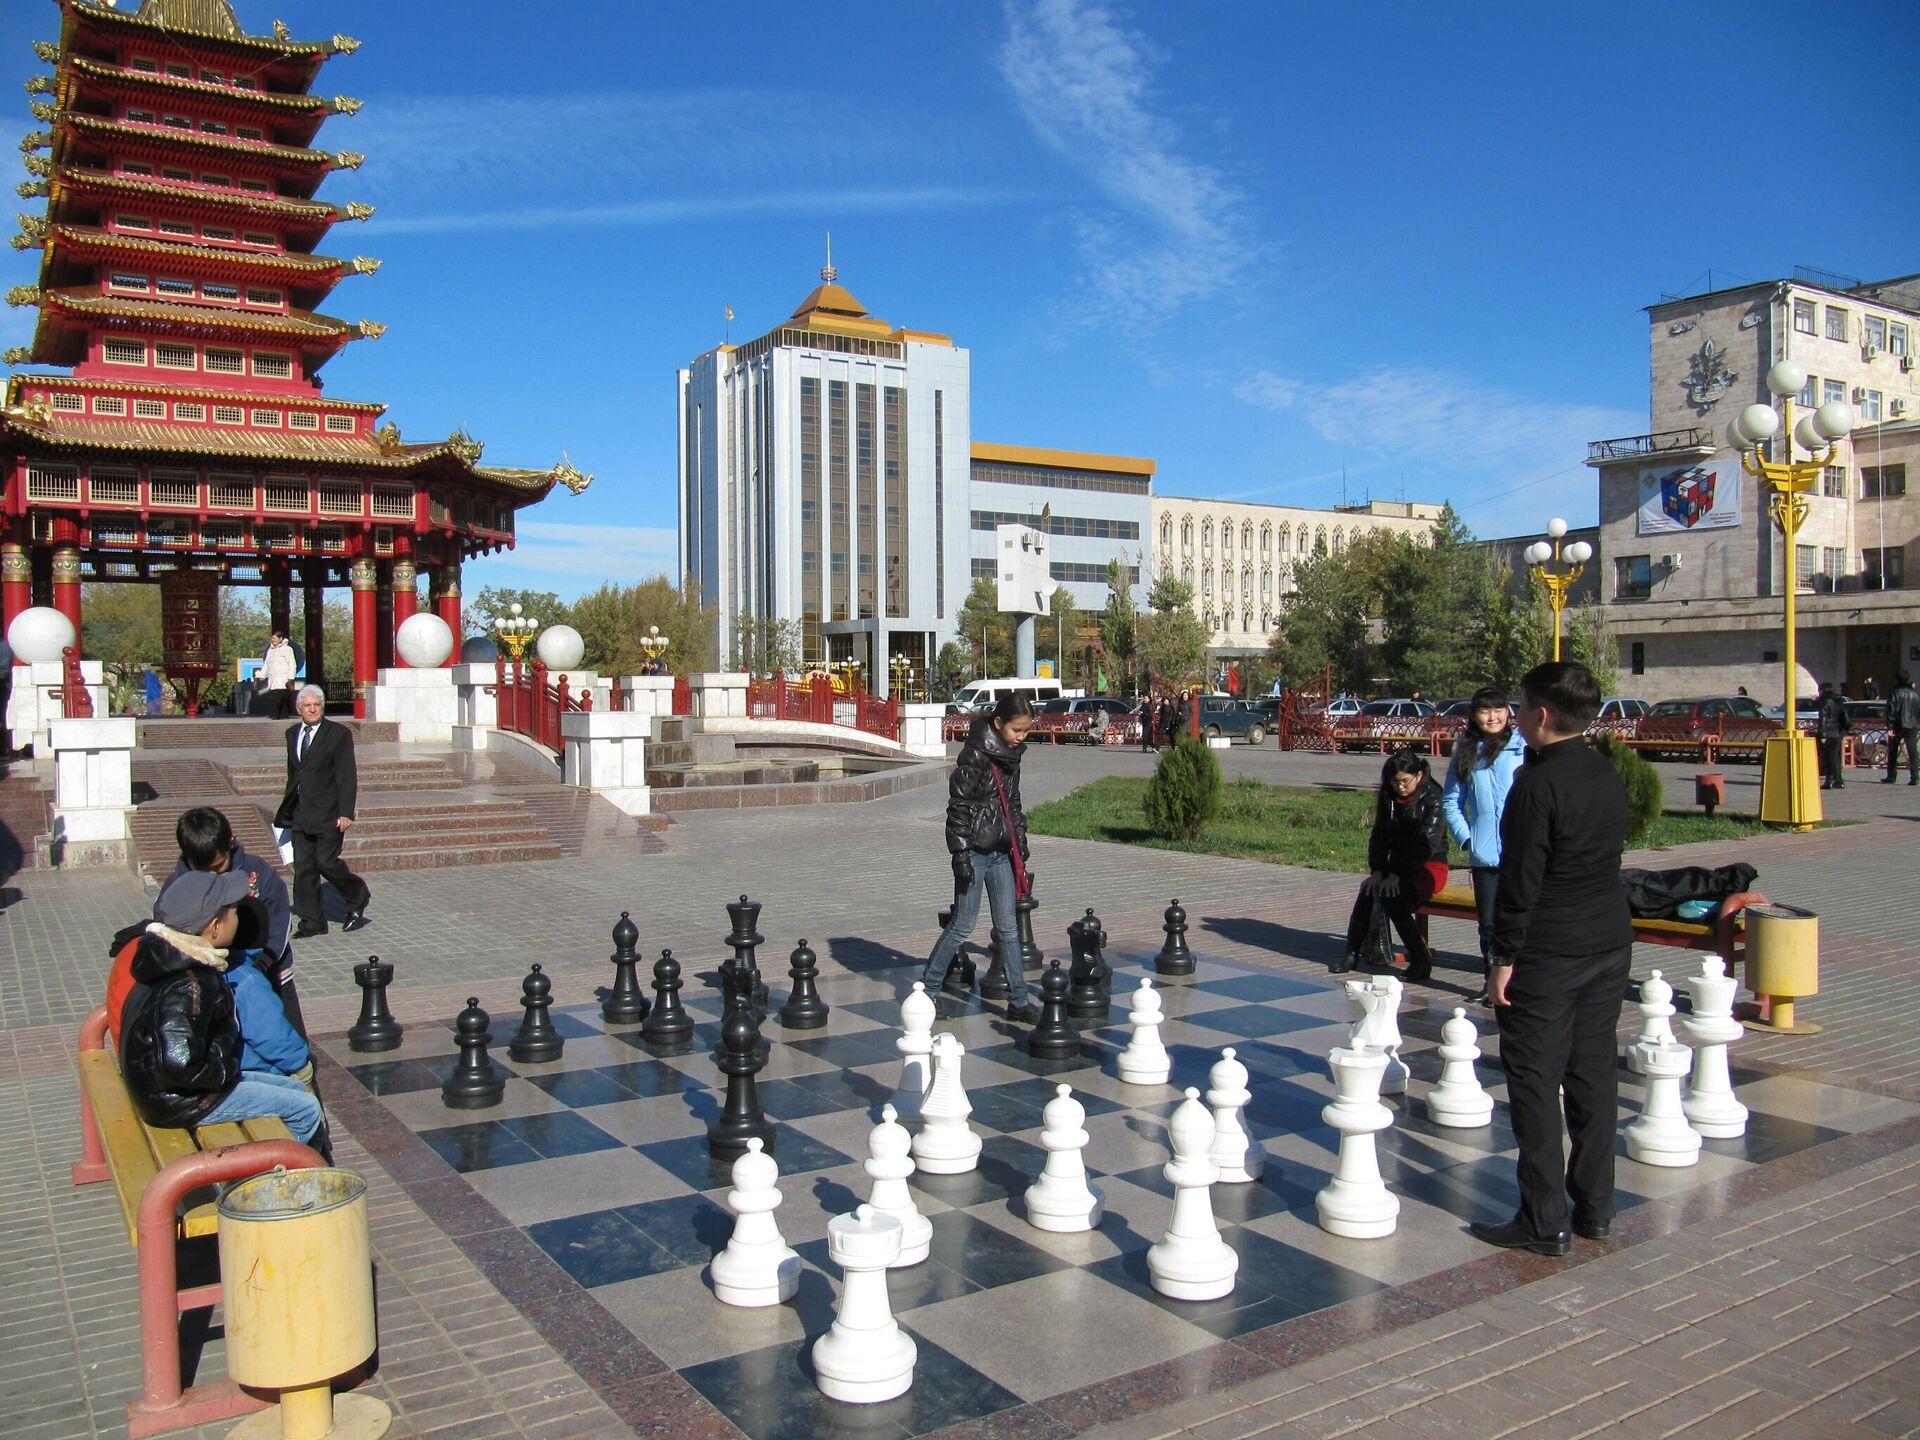 Игра в шахматы возле Пагоды Семь дней, Элиста, Калмыкия - РИА Новости, 1920, 19.07.2021